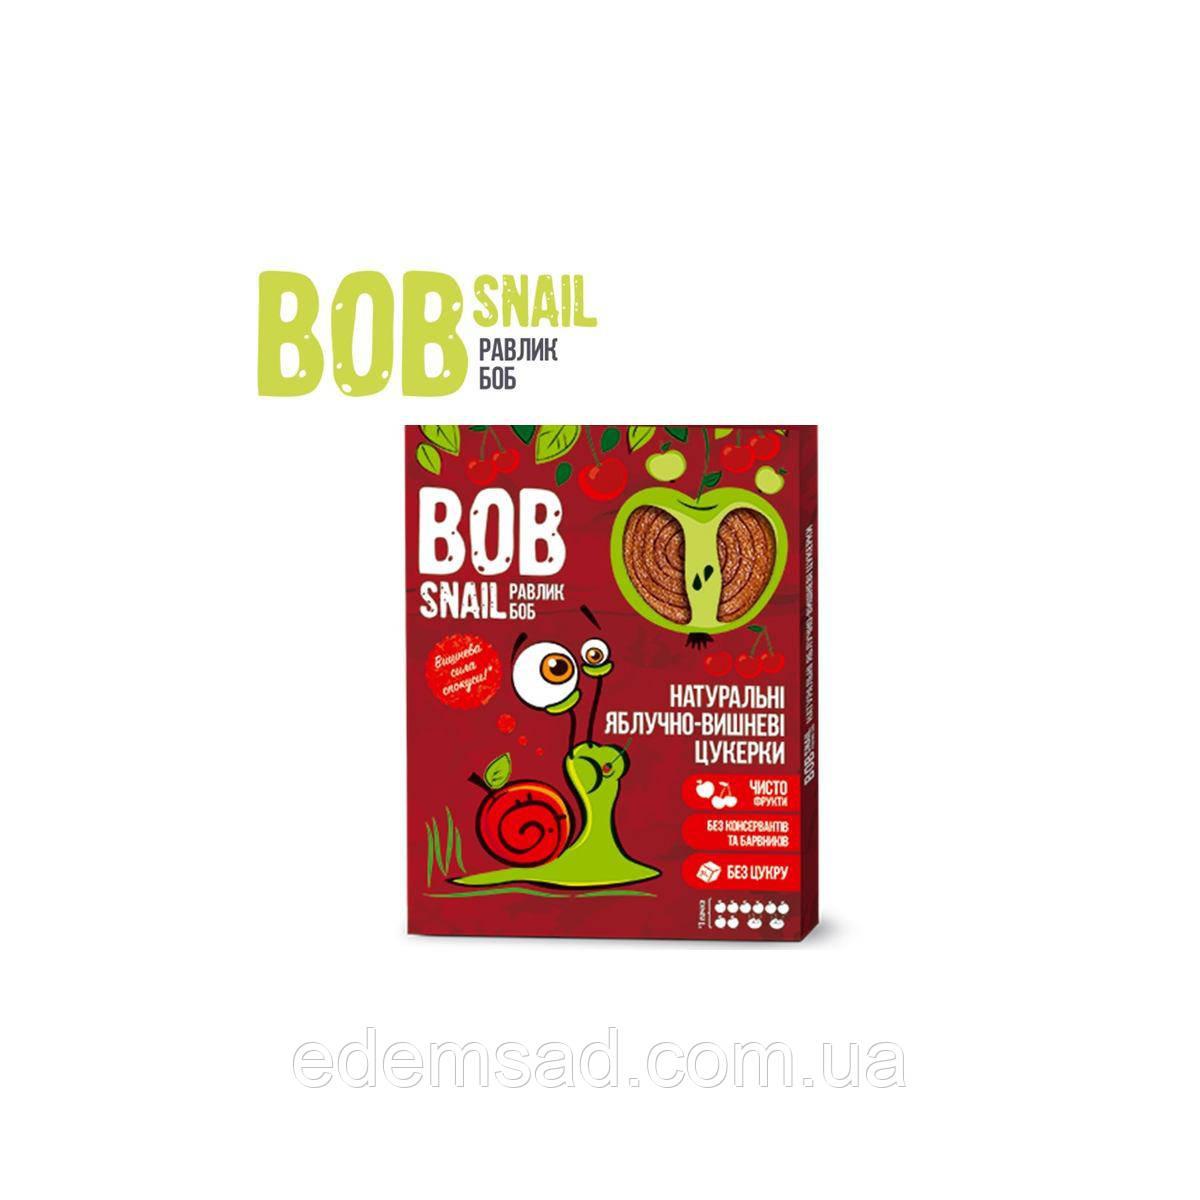 Натуральные конфеты BobSnail с яблоком и вишней, 30г